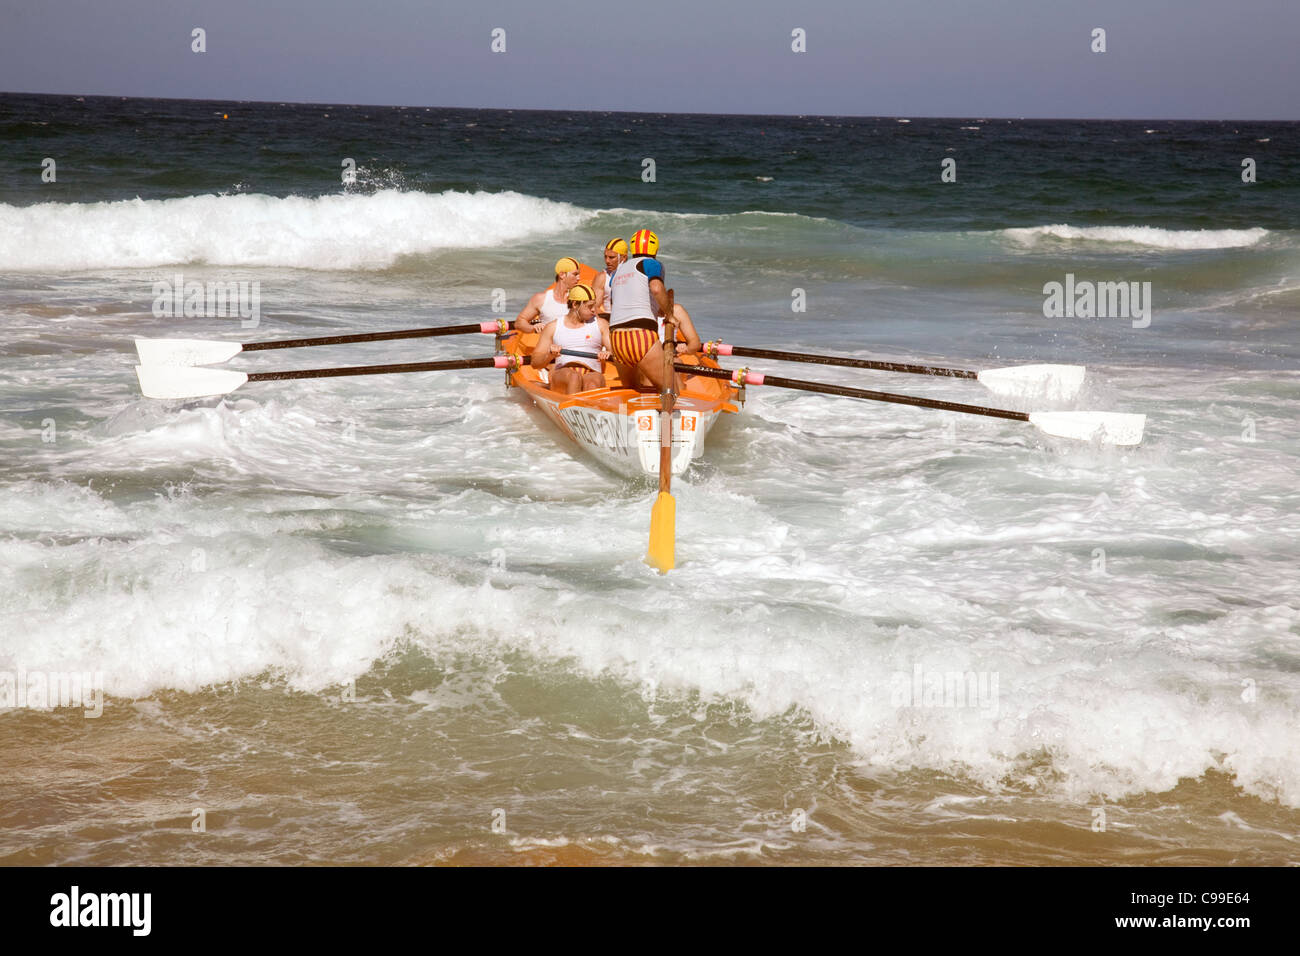 L'équipage d'un canot de sauvetage australien traditionnel surf voile aviron dans une course au large Photo Stock